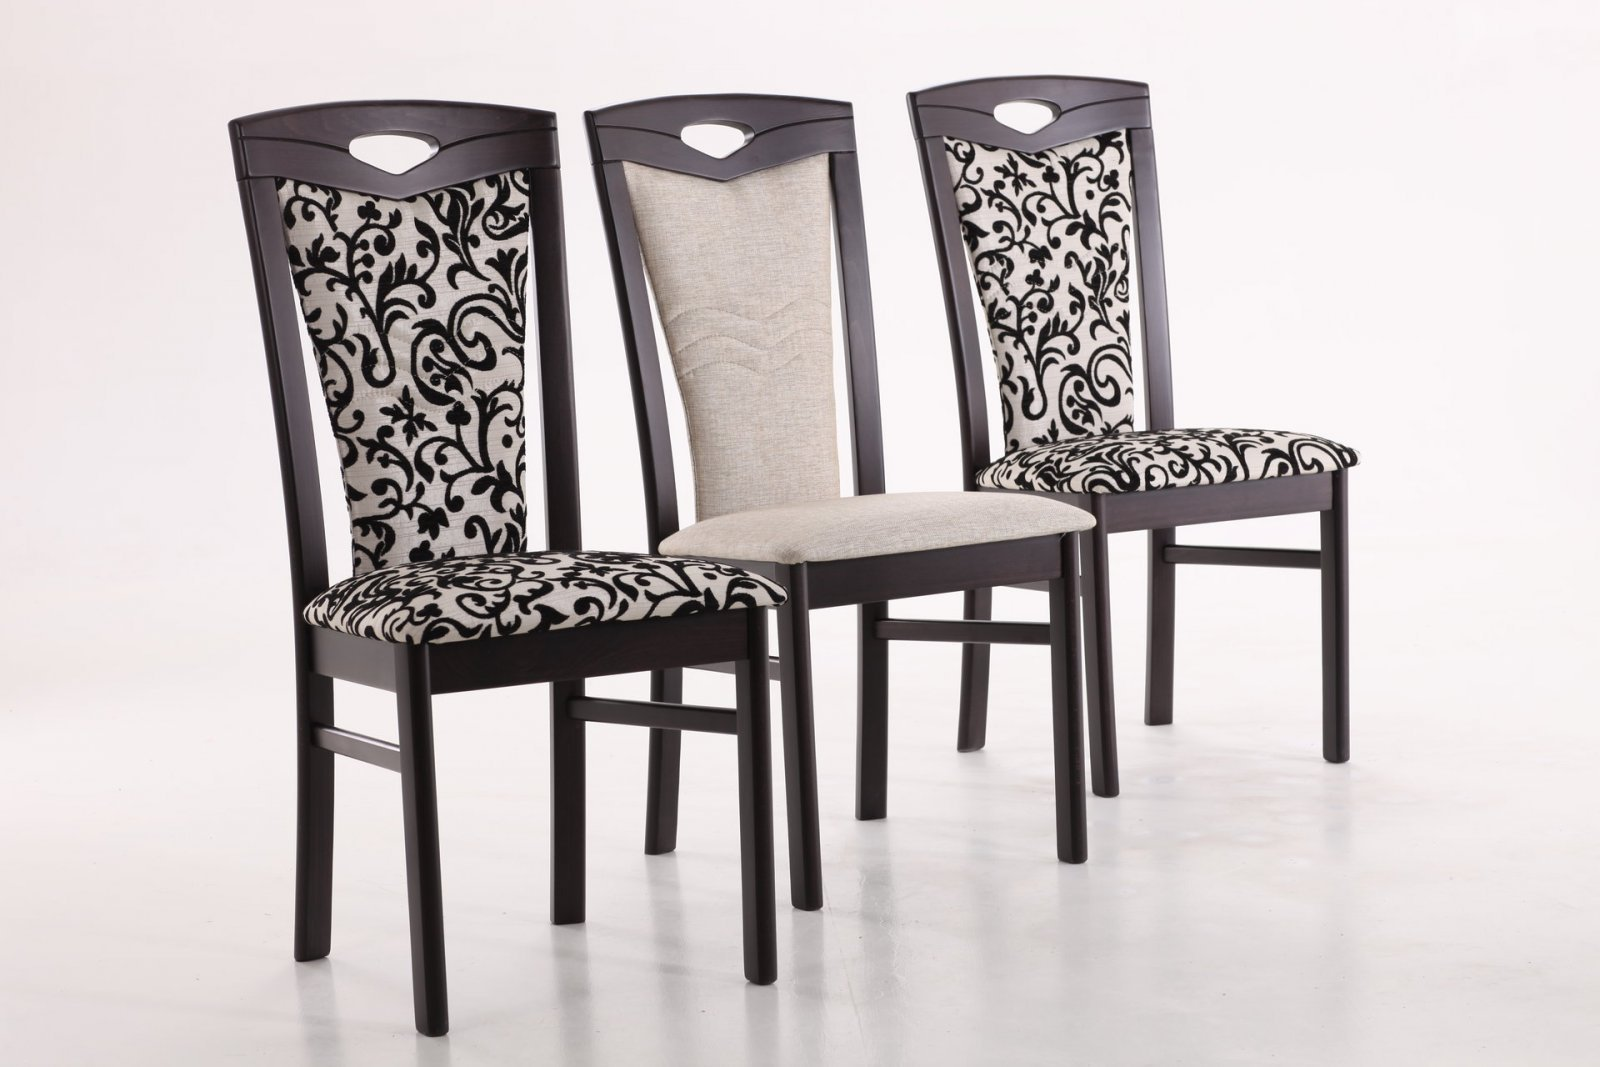 К обивке стульев так же предъявляться определенные требования качества